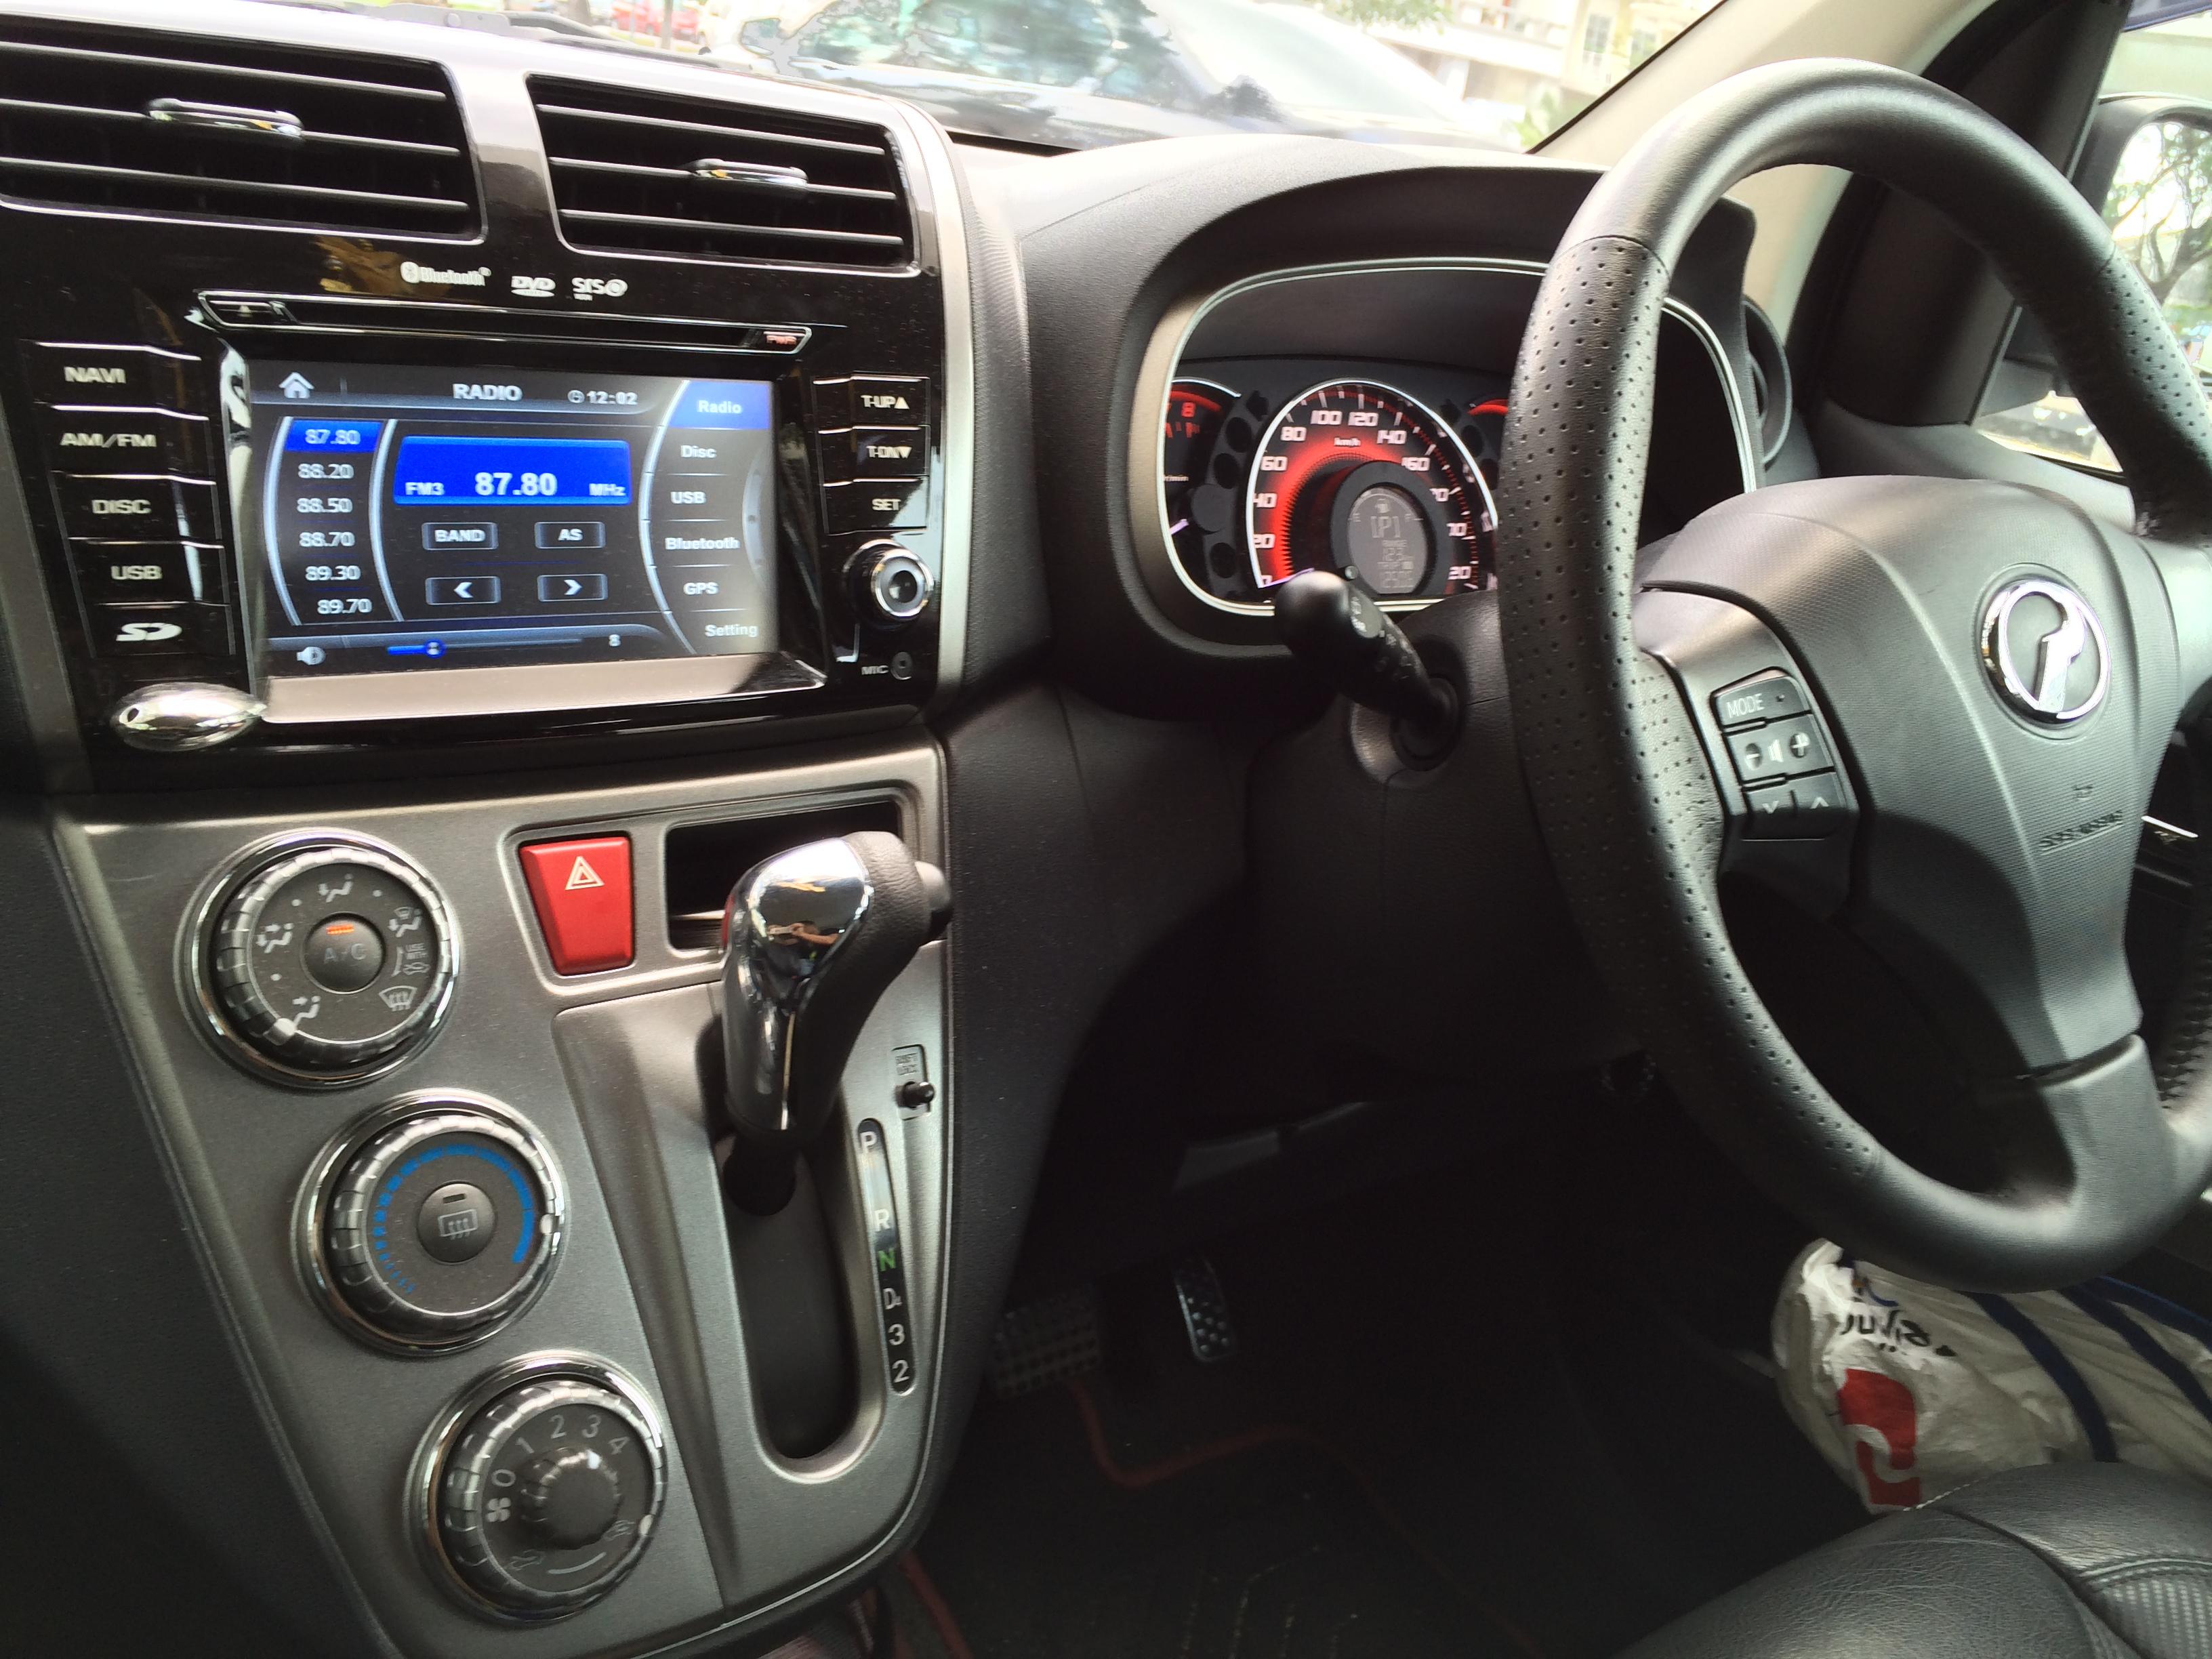 Perodua Myvi Extreme and Proton Saga FLX